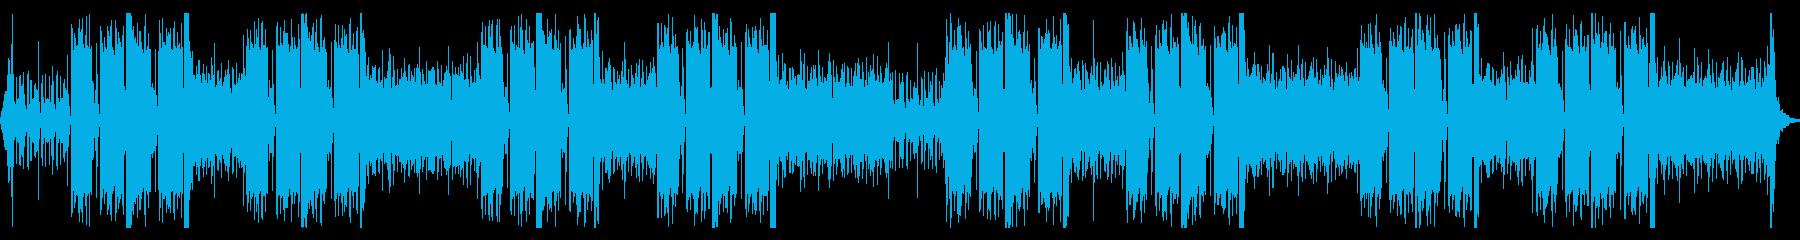 筋トレなど最大限の力を引き出すパワー曲の再生済みの波形